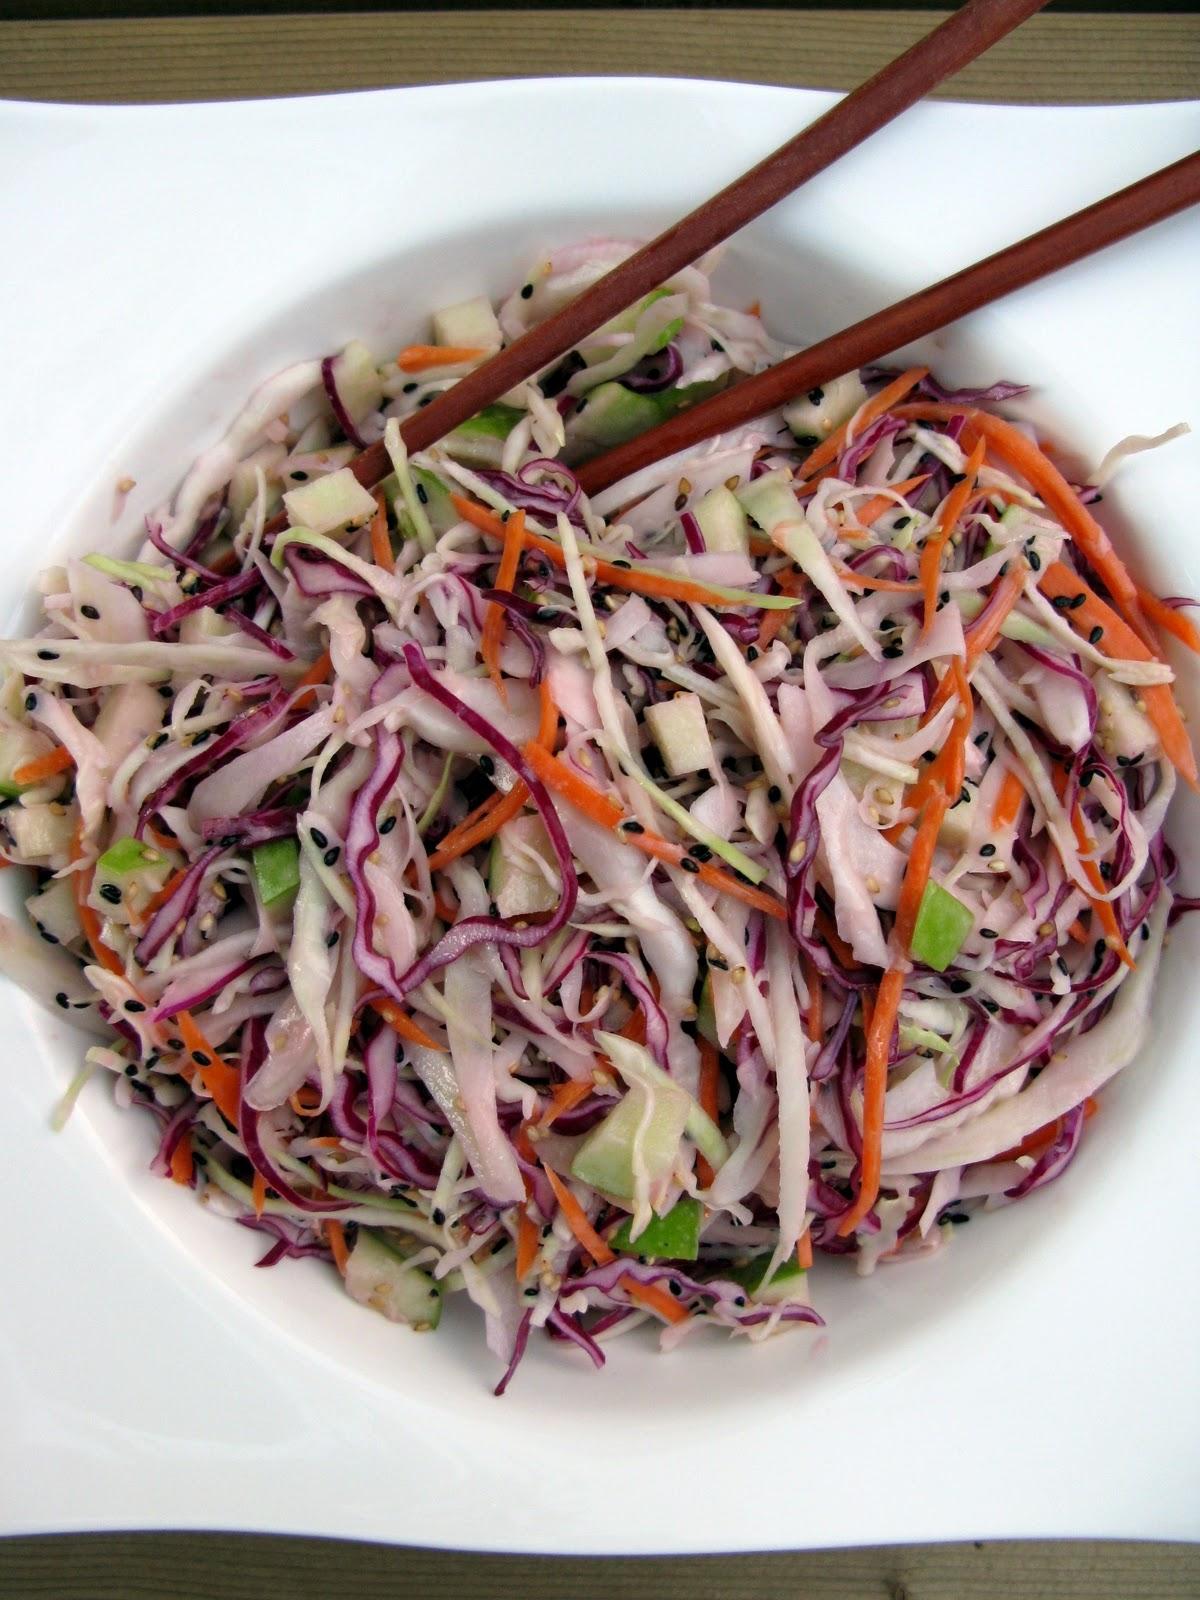 Au gr du march salade de choux l 39 asiatique for Apprendre la cuisine asiatique